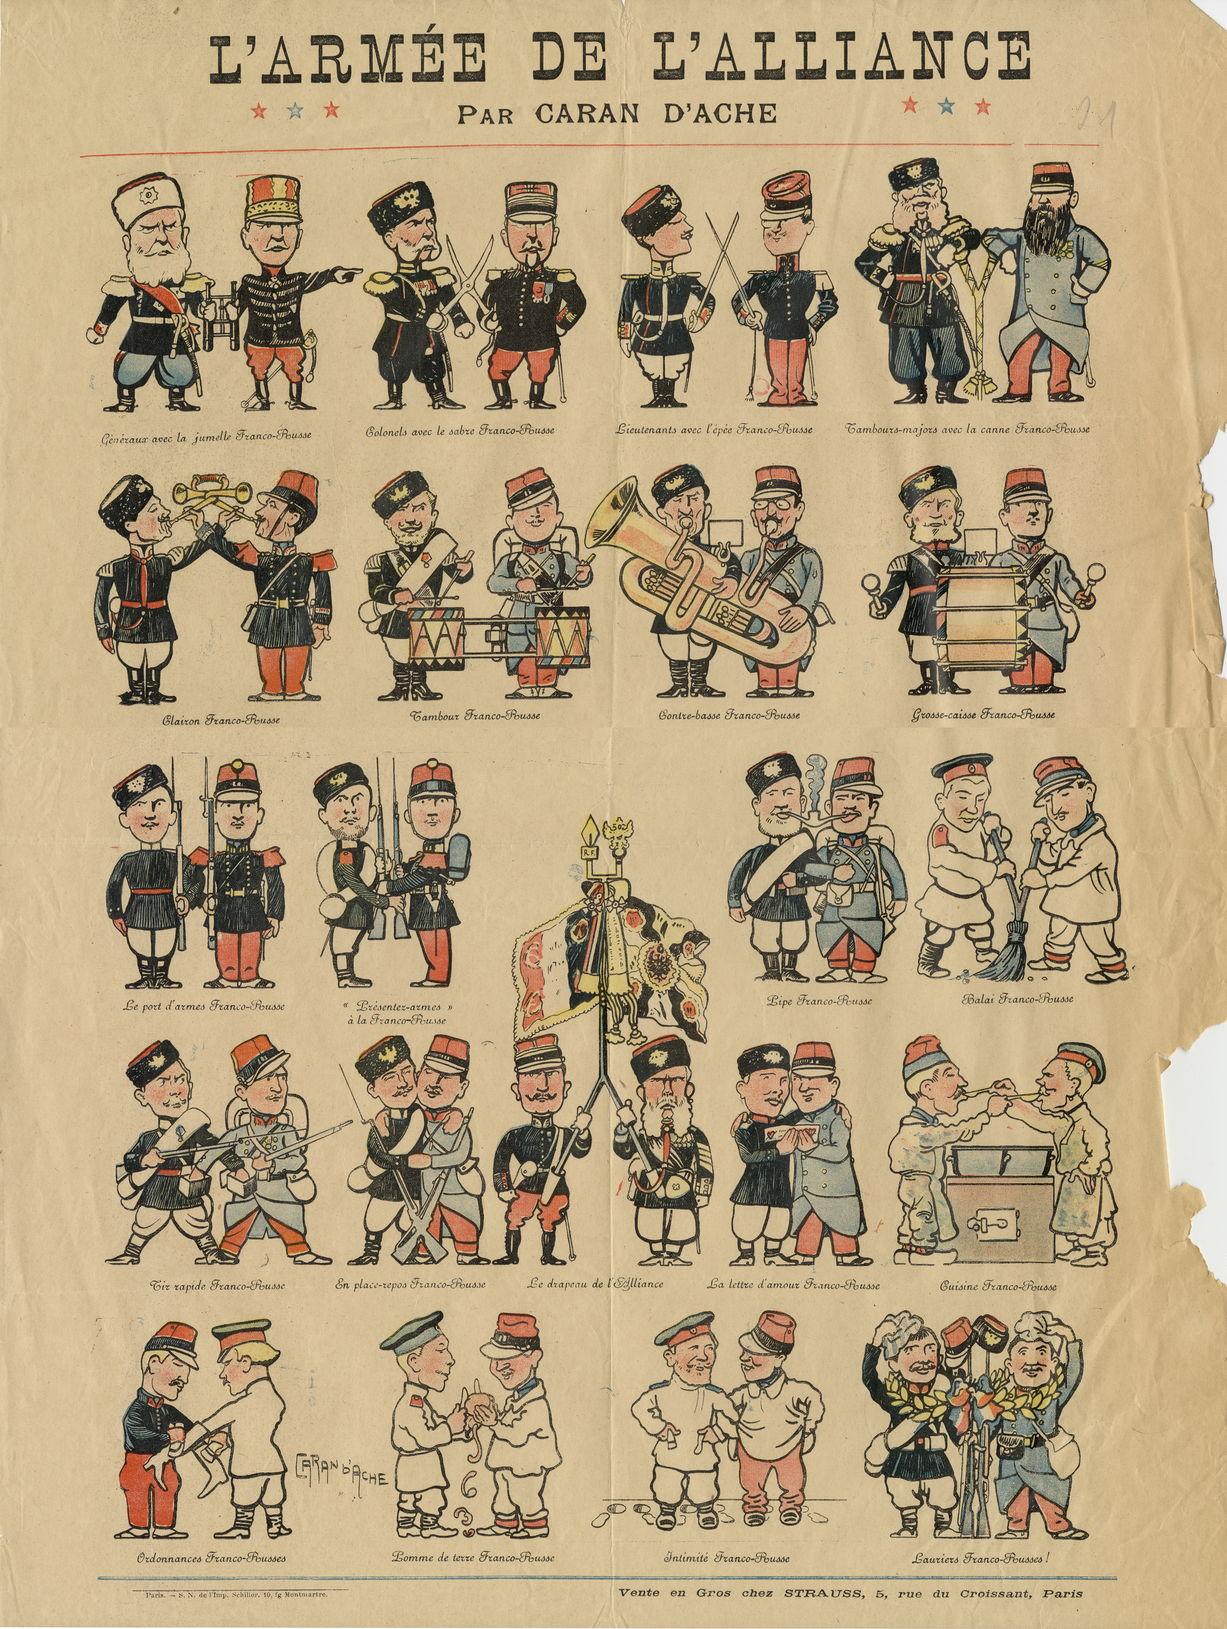 Армия союзников. Карикатура на франко-русский союз. 1890-е